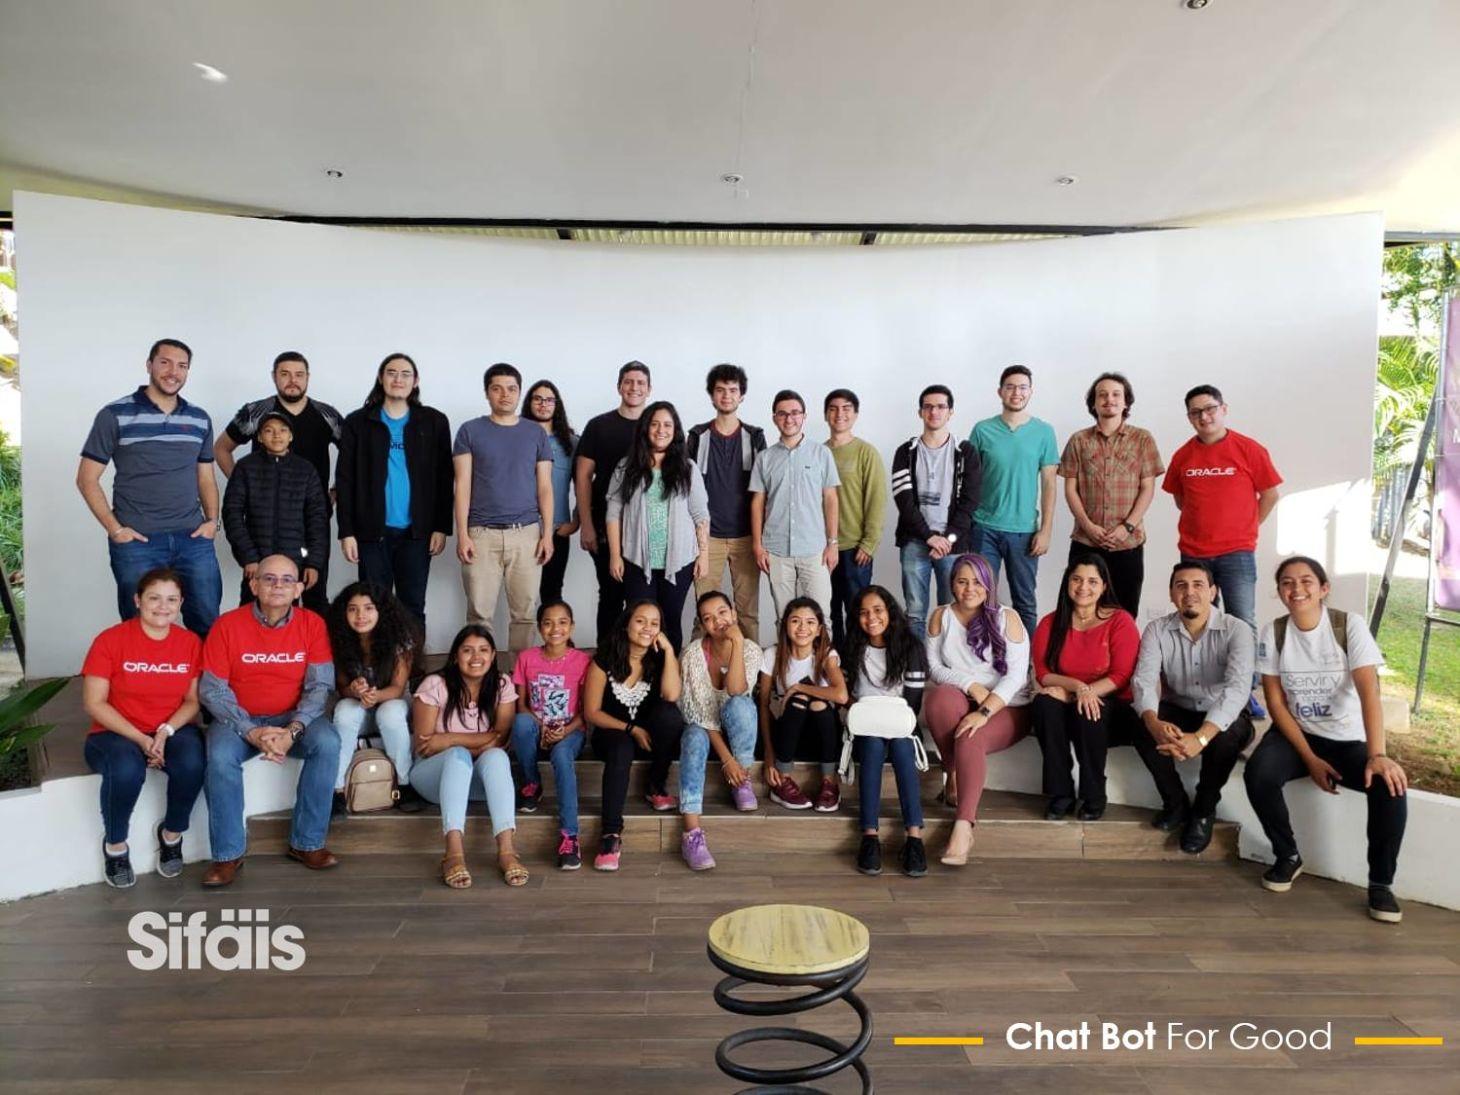 Estudiantes crean Chatbot para solucionar problemas identificados por jóvenes de La Carpio